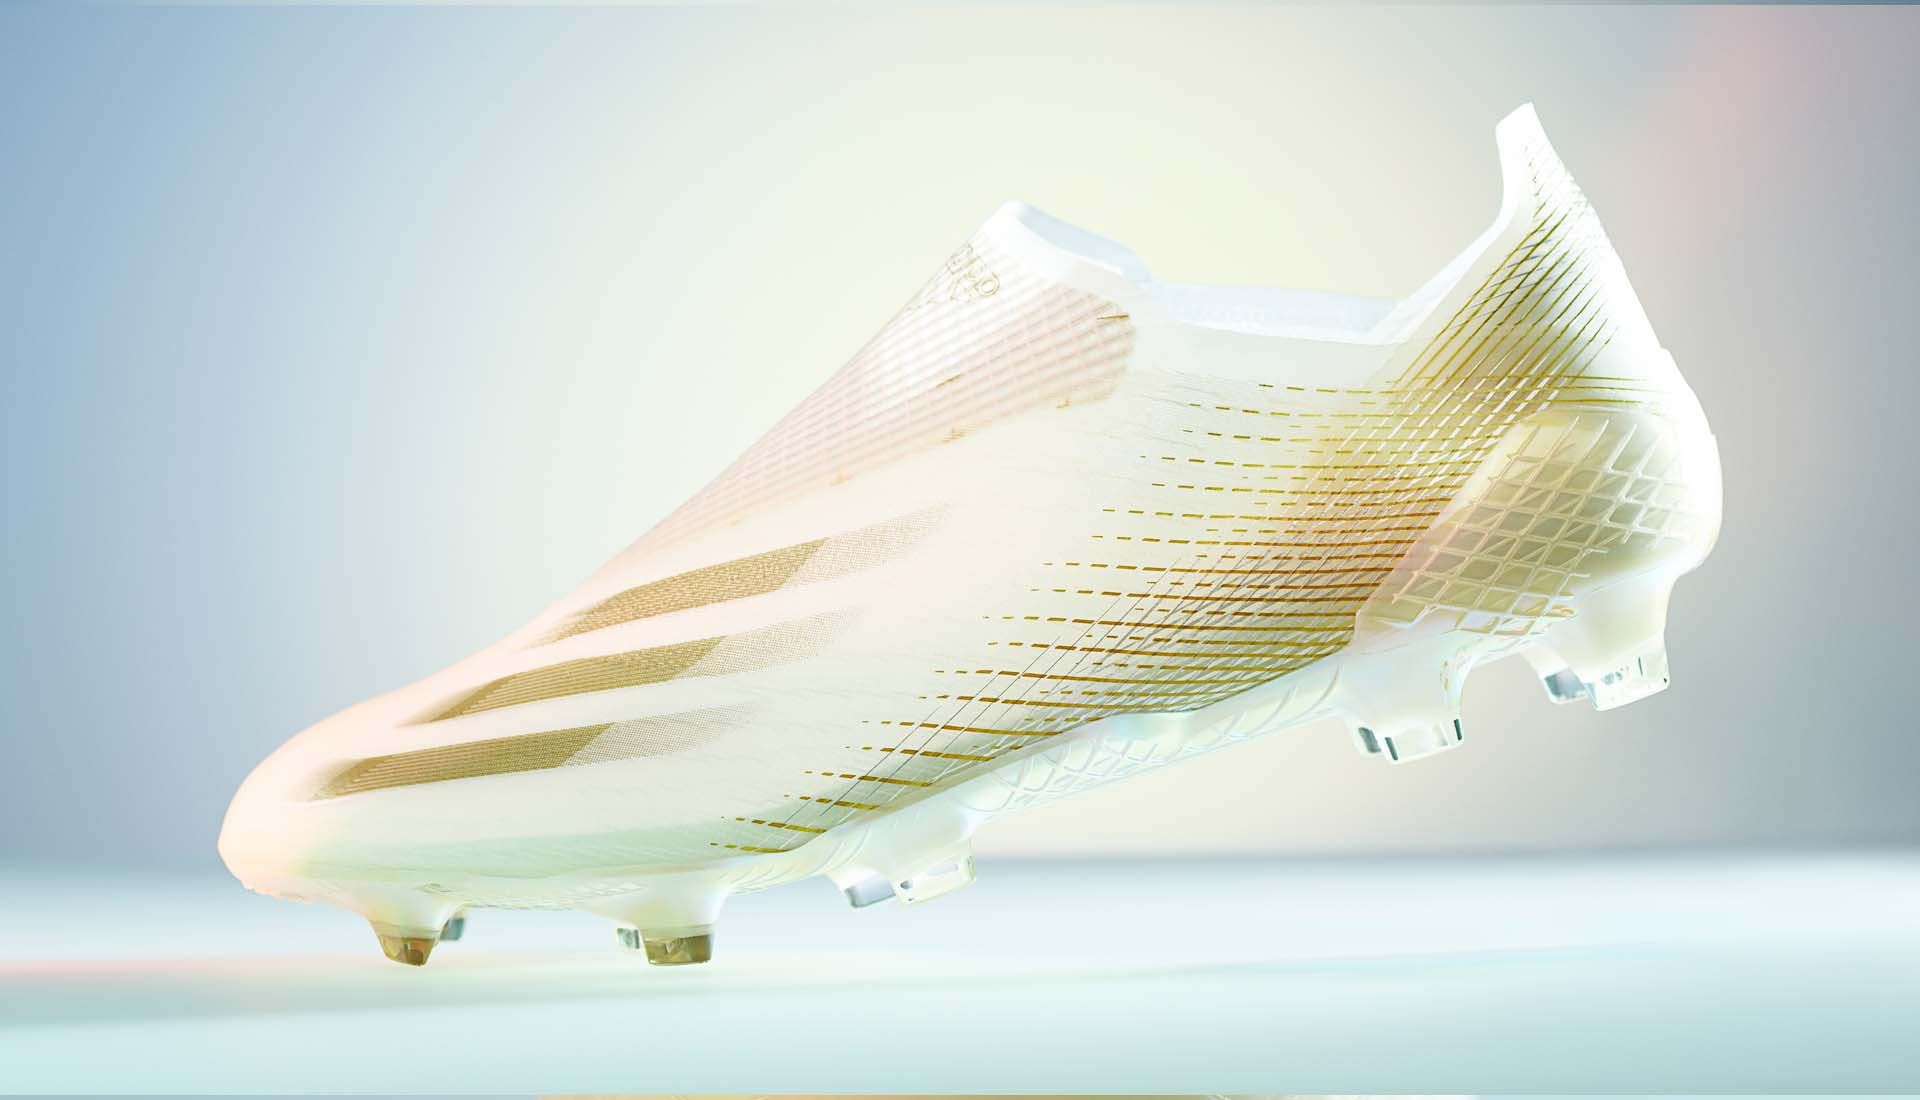 Form giày của Adidas X20+ khá giống với dòng giày huyền thoại Adidas Adizero